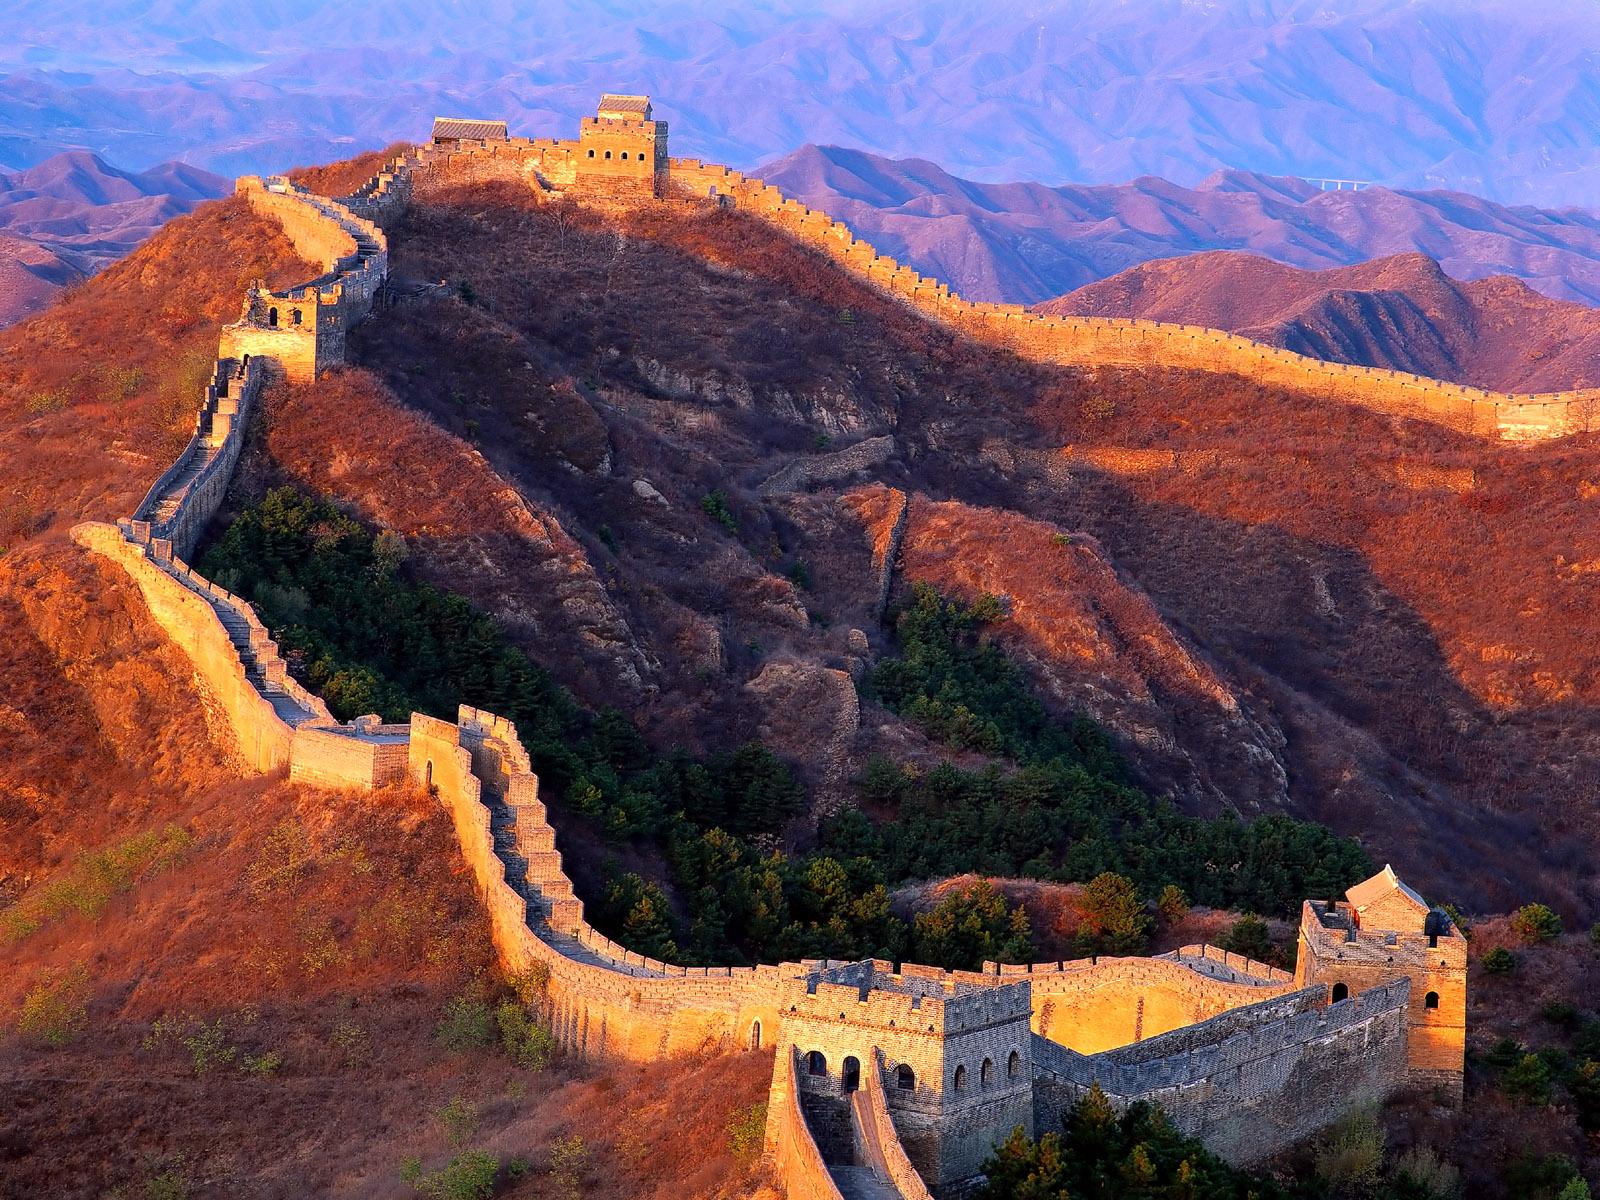 China, Agencia de Viajes, Grupo pequeño y Servicio Tour privado